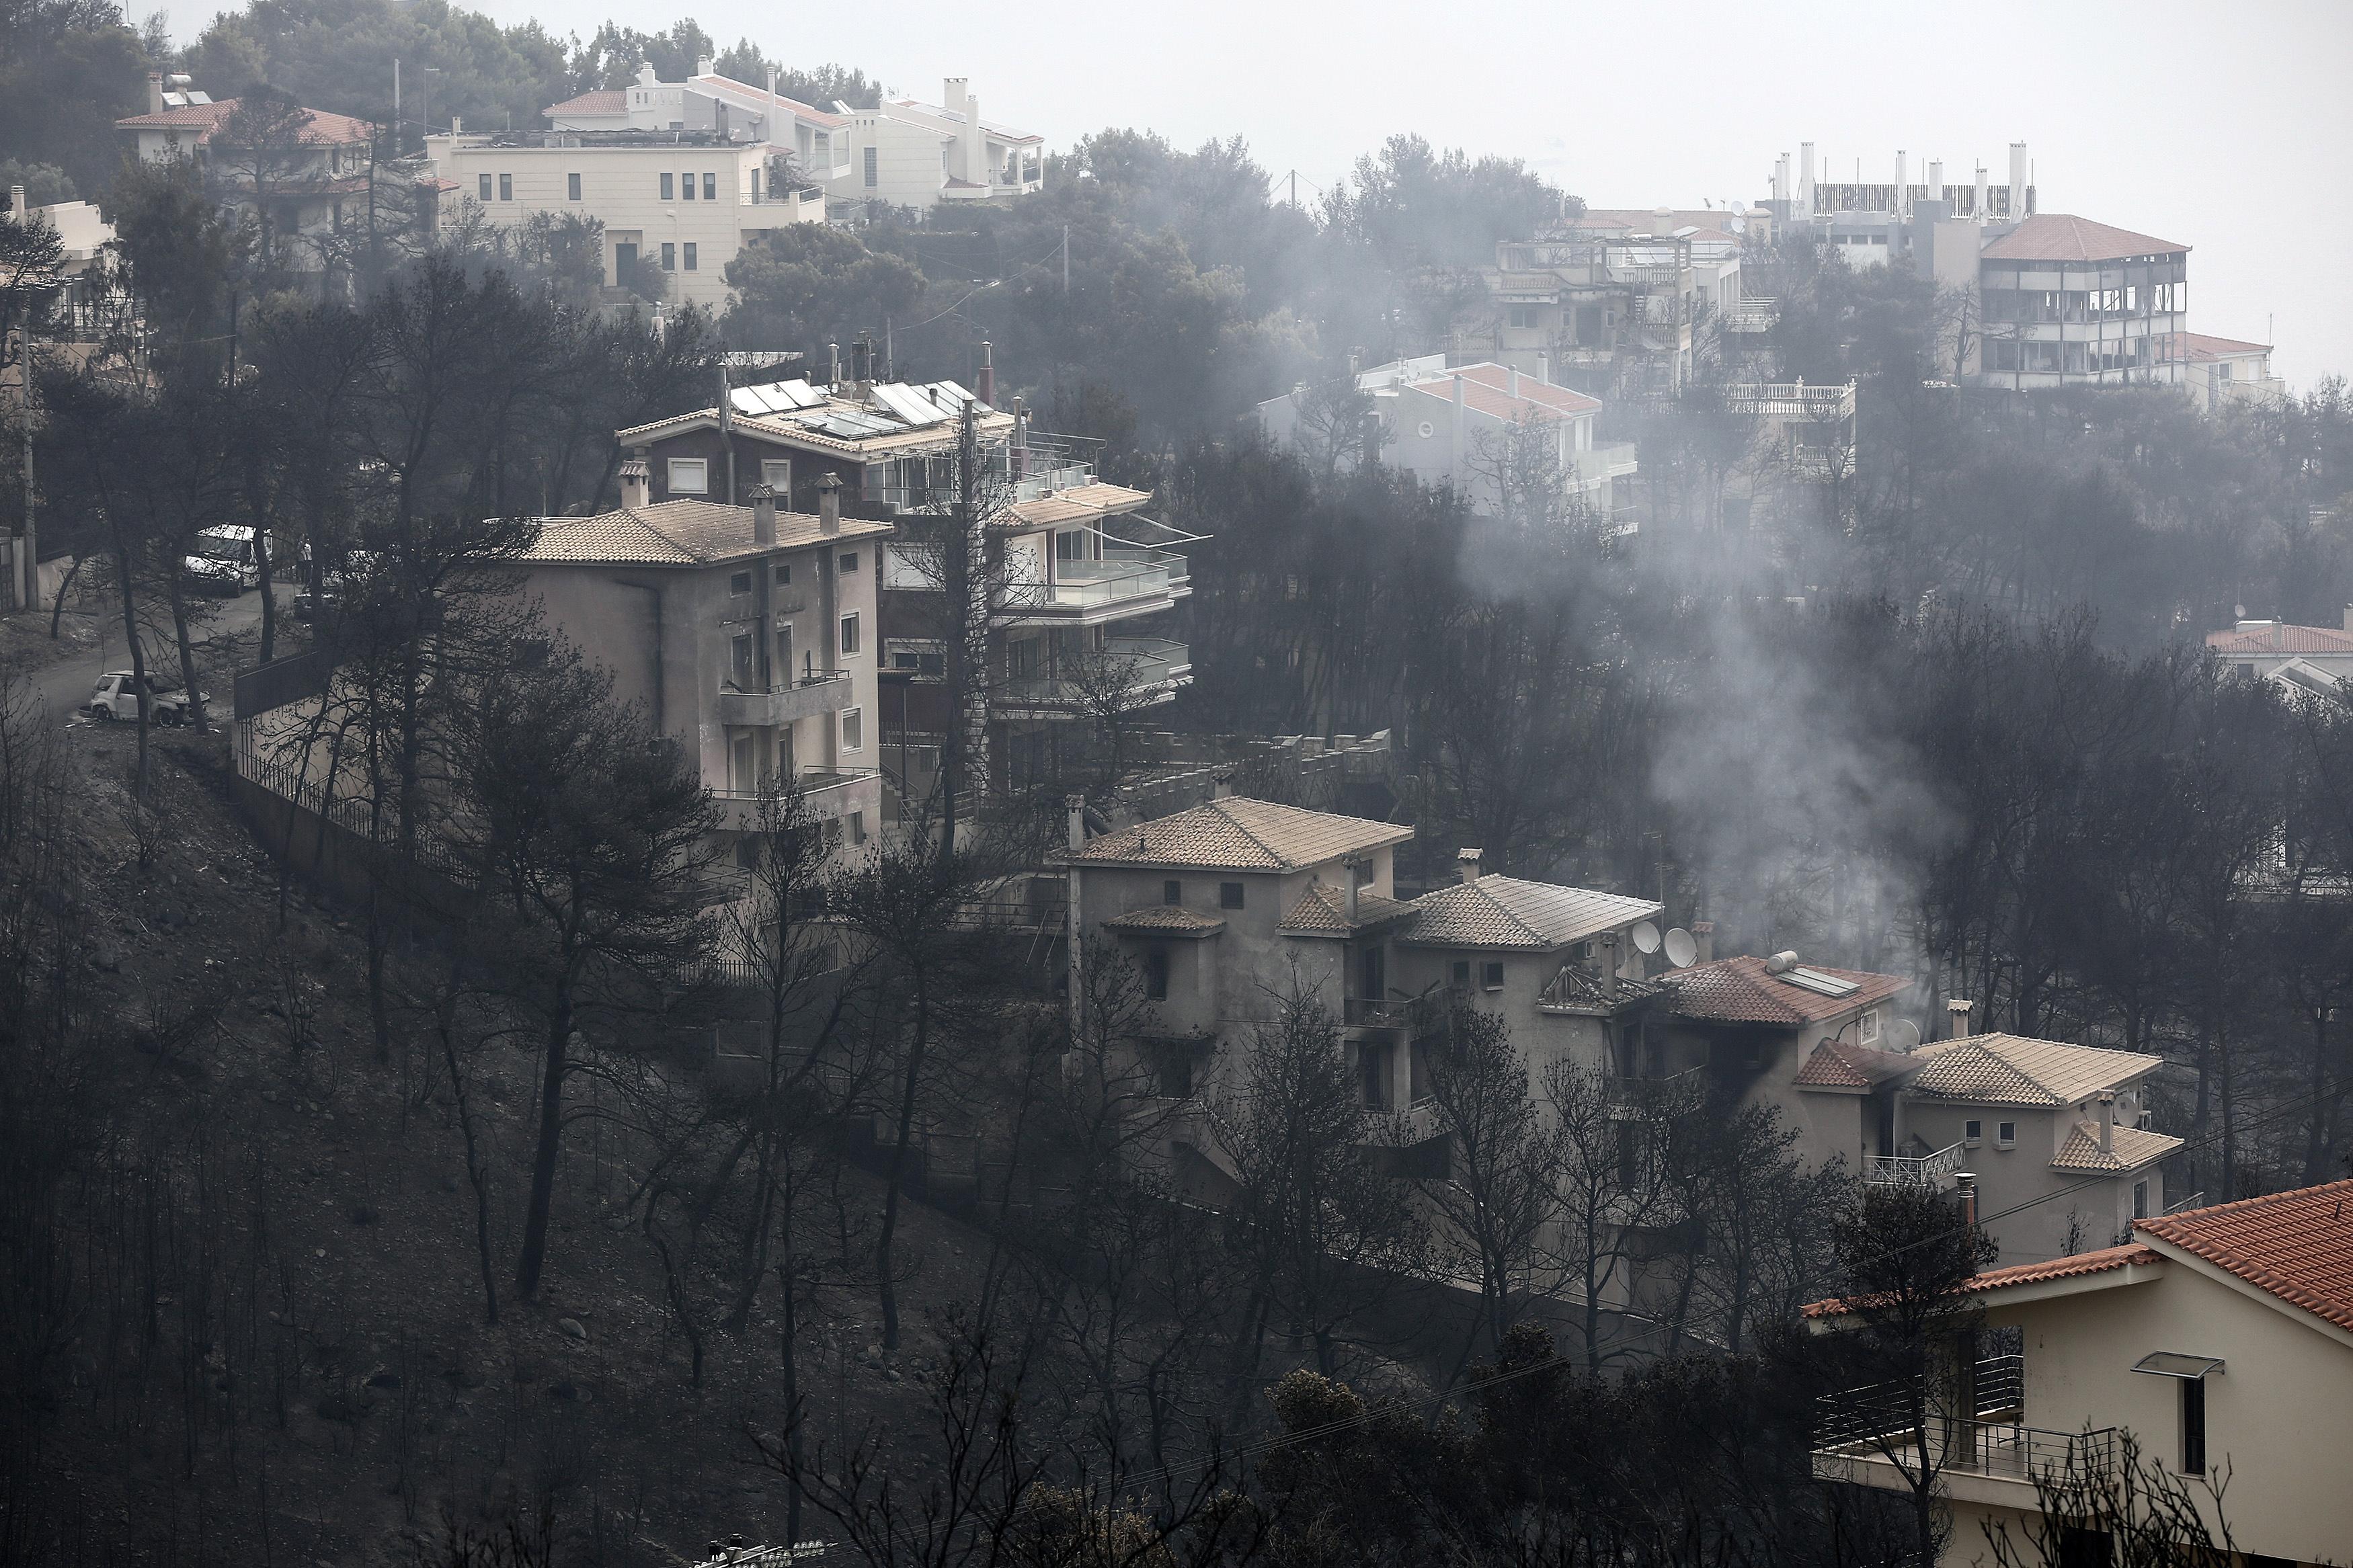 Grčka se suočava s bespravnom gradnjom, jednim od uzroka velikog broja žrtava u požaru